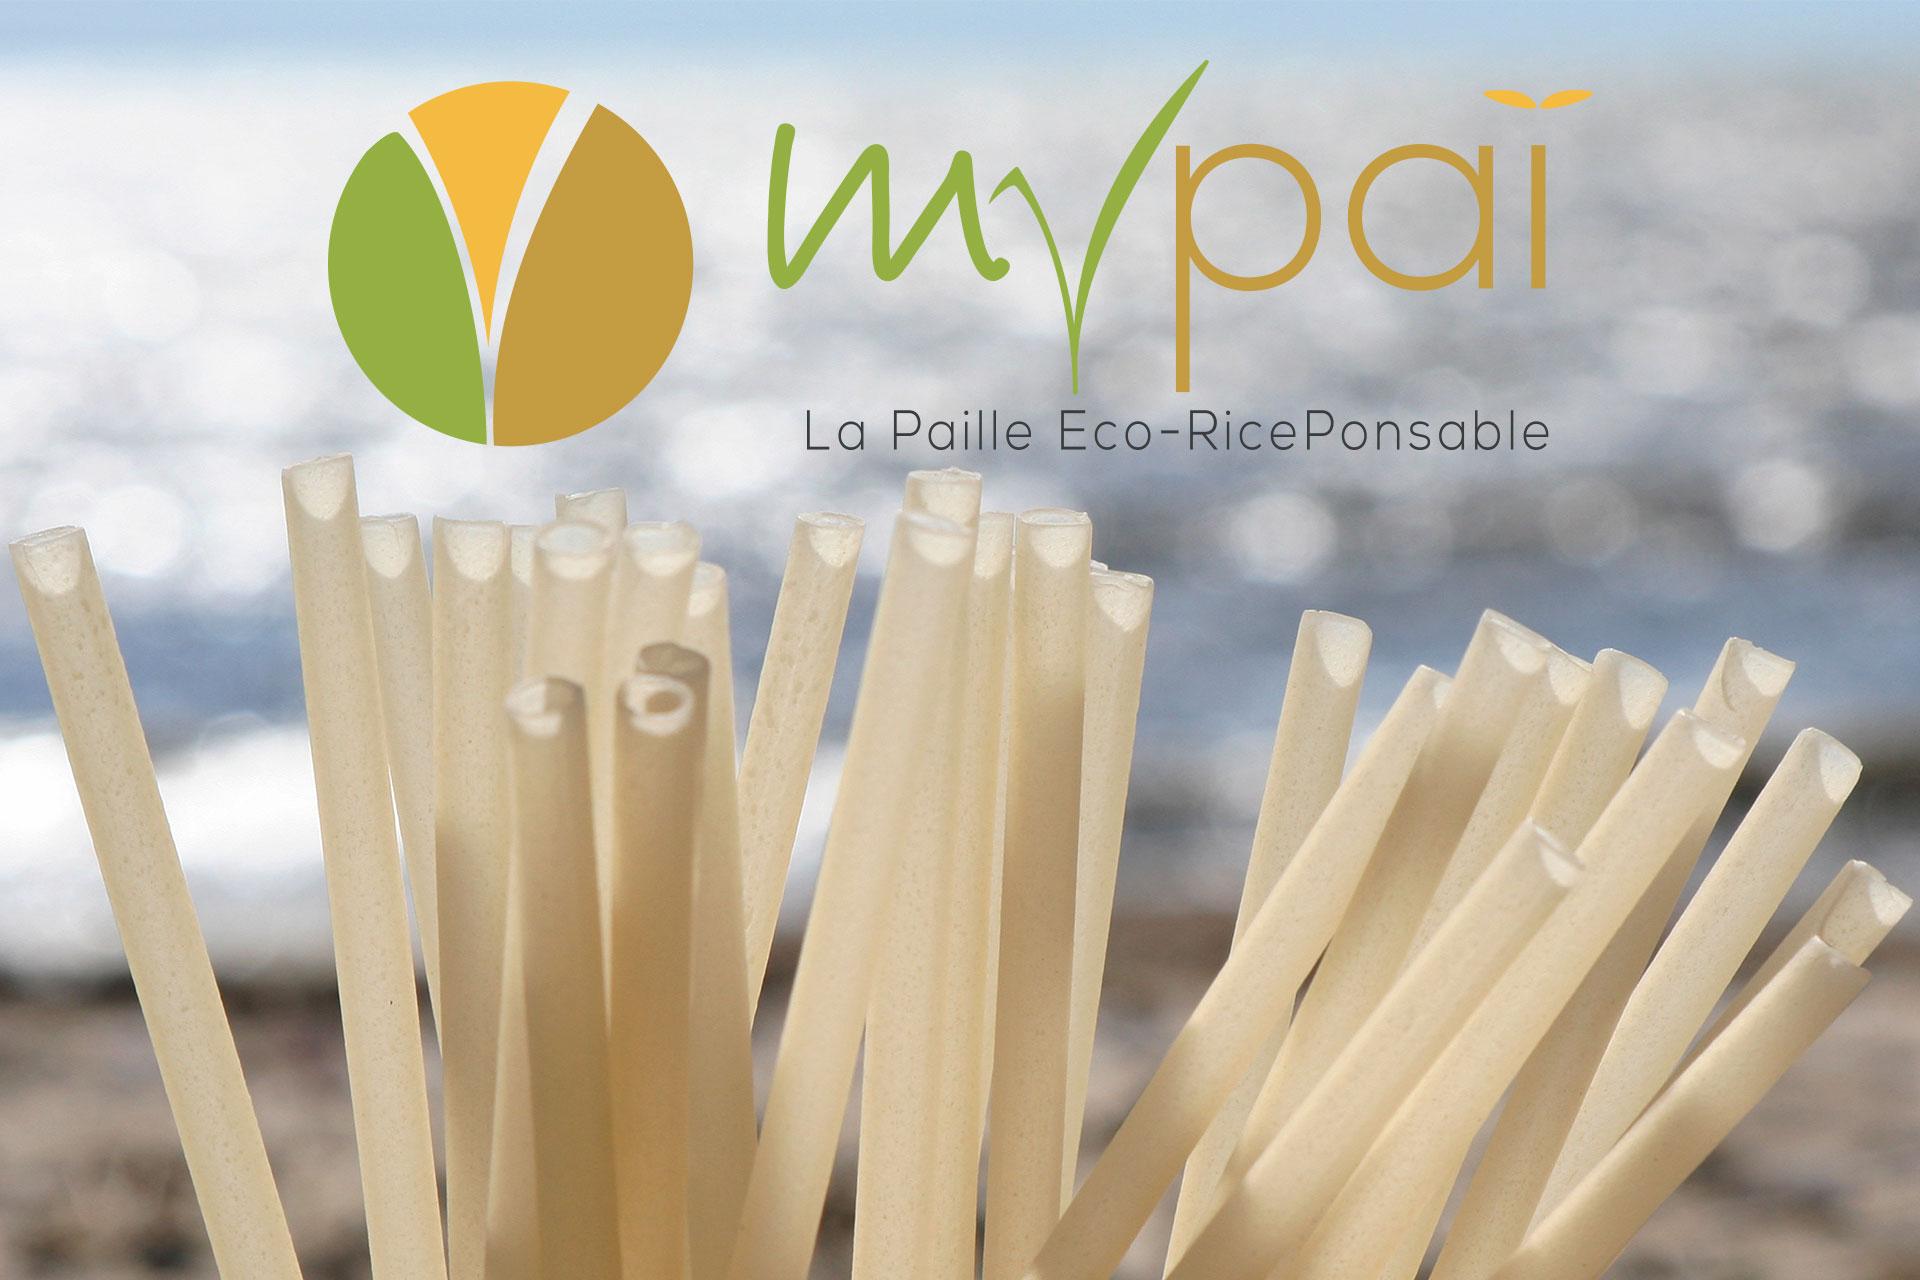 Création graphique MyPai, la paille Eco-Riceponsable